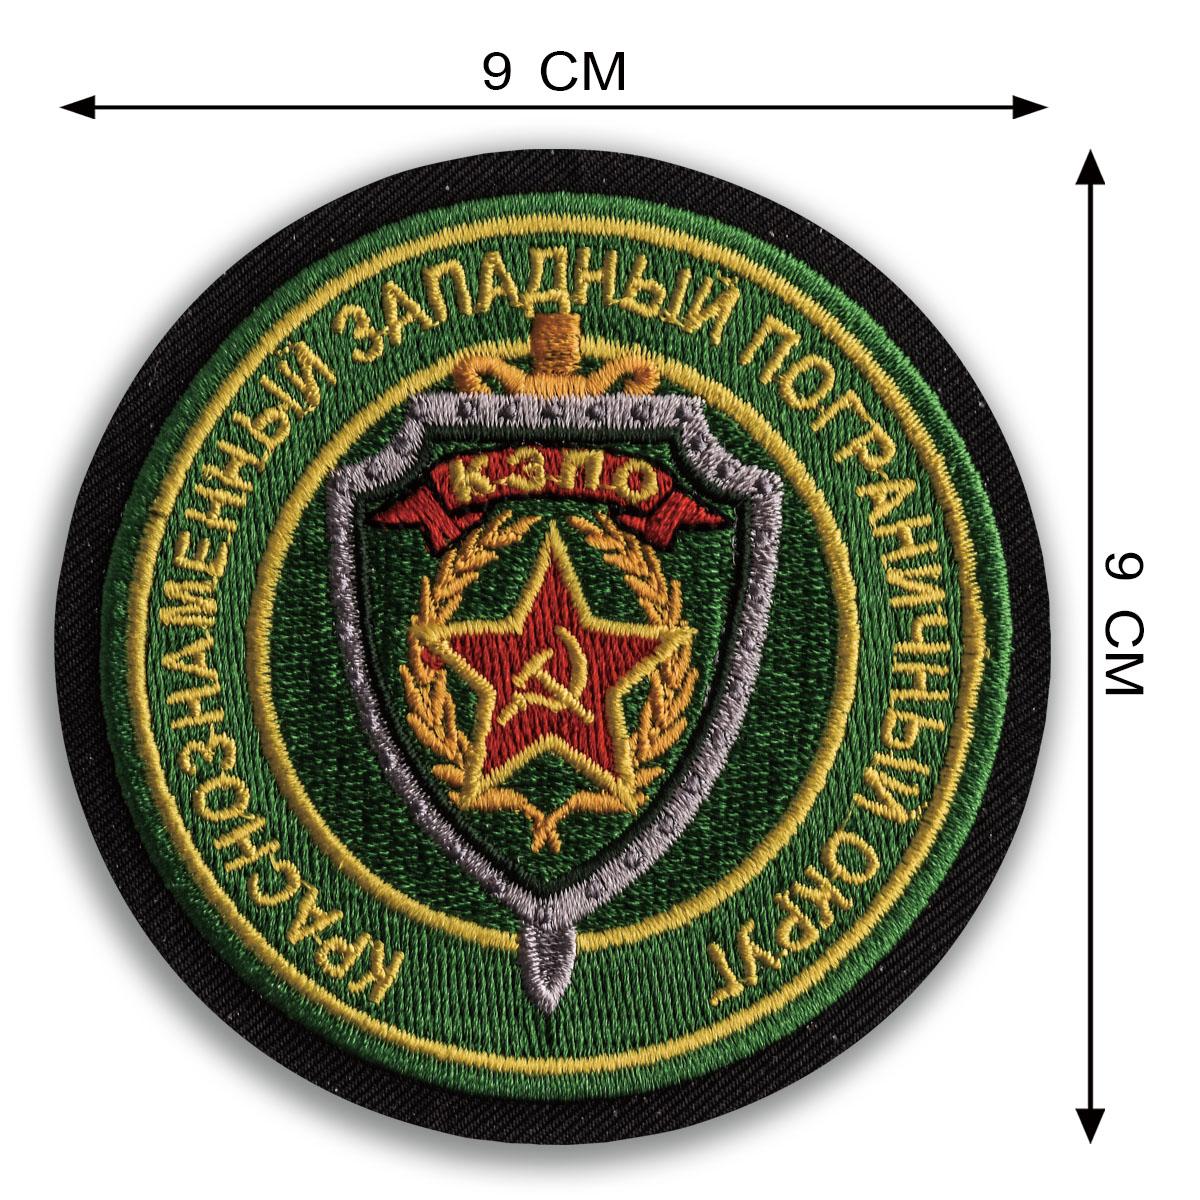 Армейская футболка для бойцов, которые служили и служат в КЗПО